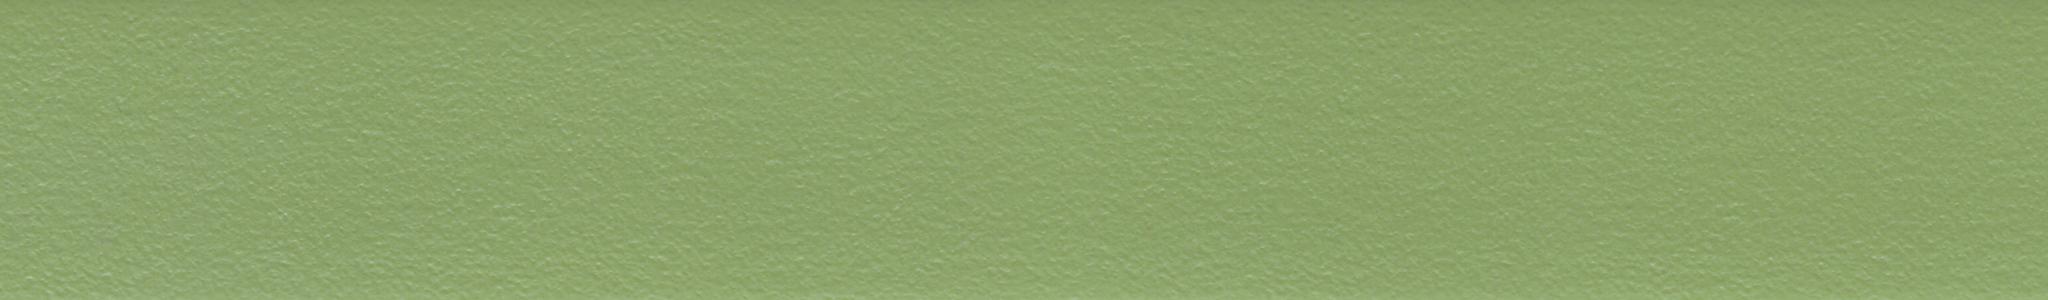 HU 162131 ABS hrana zelená perla jemná 107